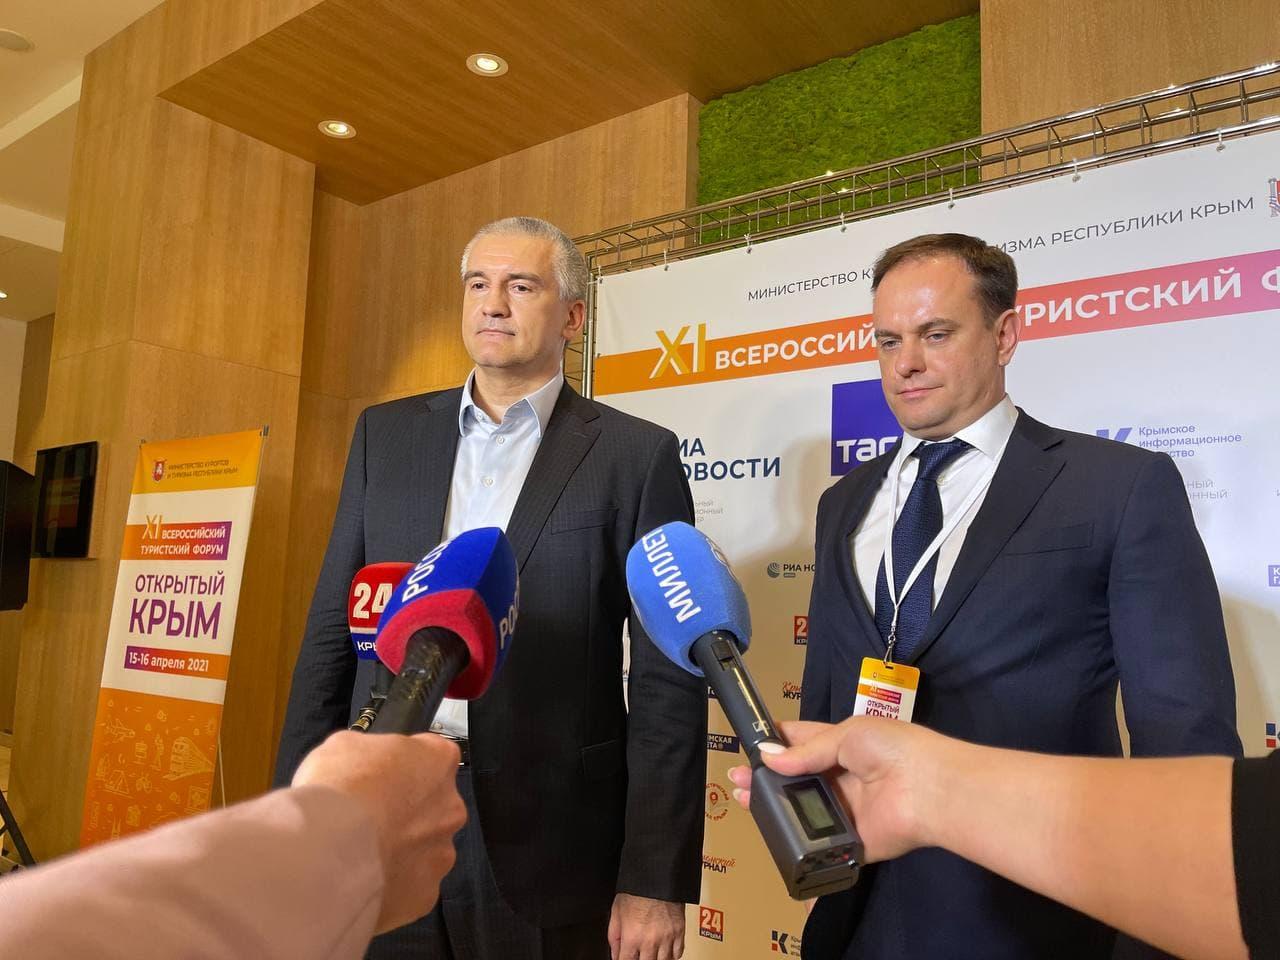 Аксёнов призвал крымчан быть гостеприимнее